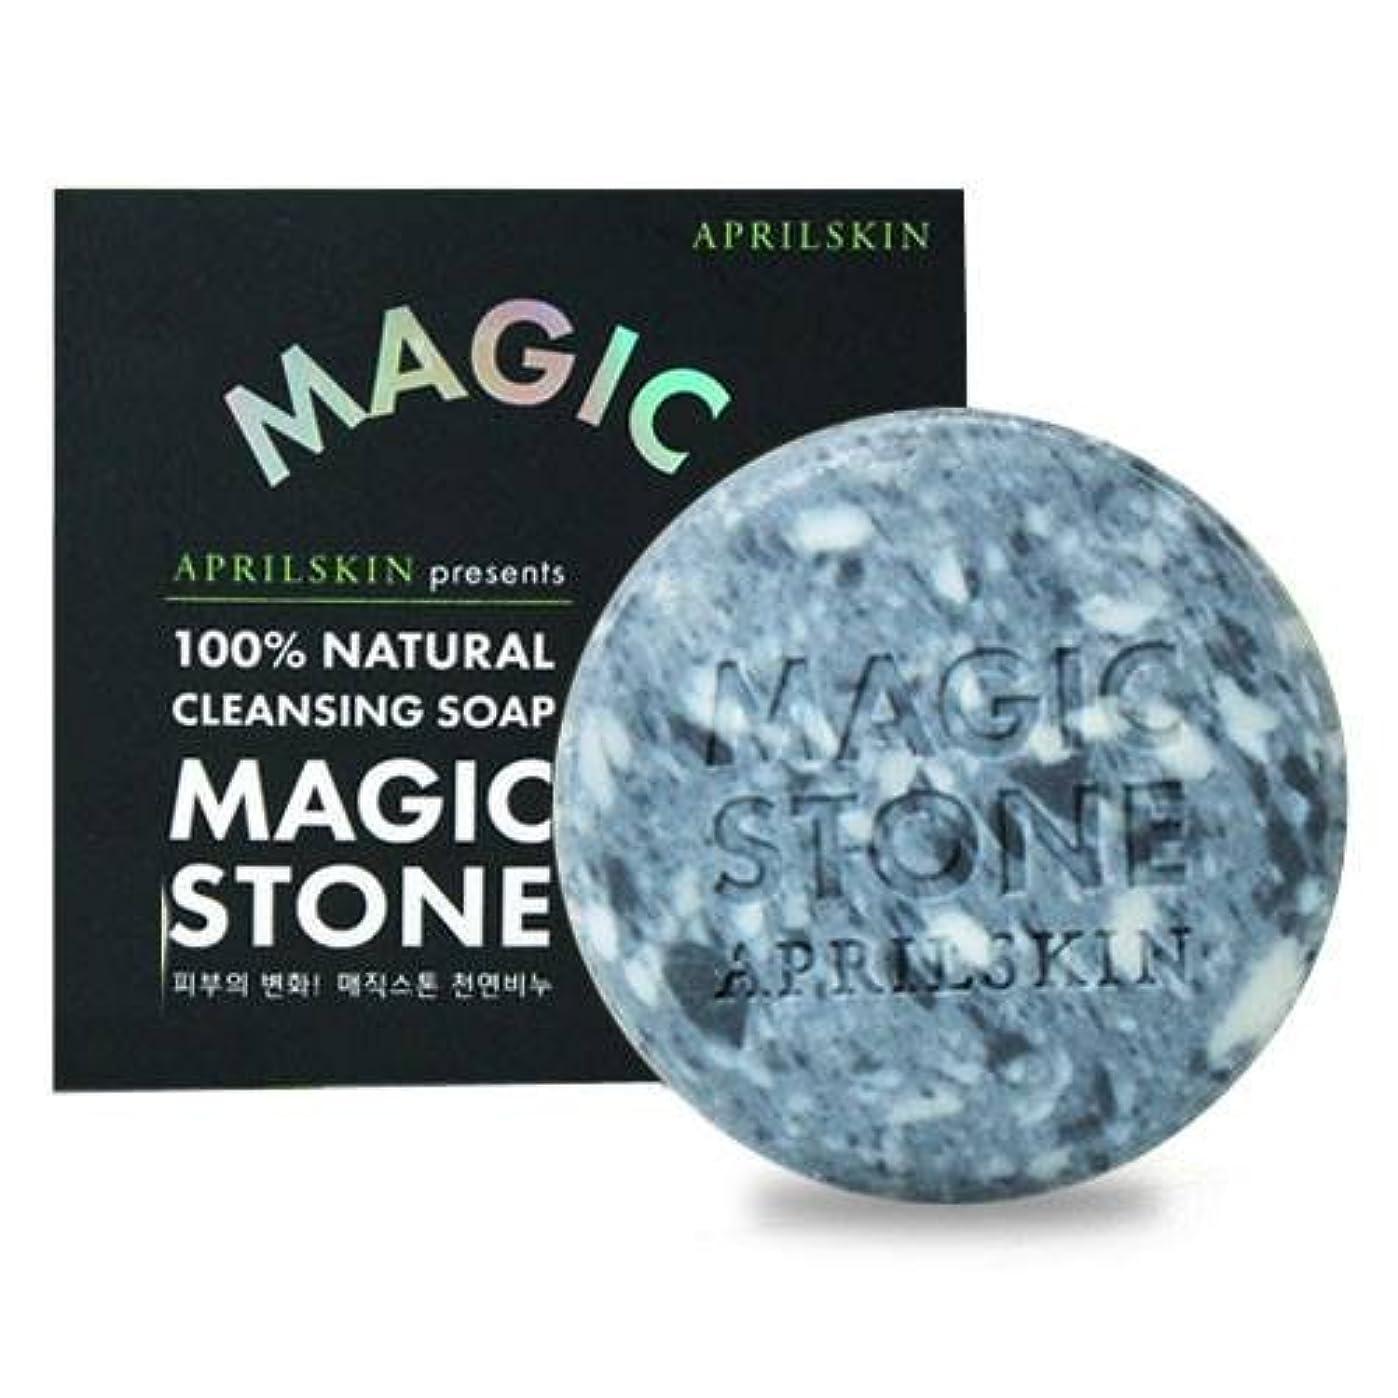 遺伝子闘争遷移[APRILSKIN] エイプリルスキン国民石鹸 (APRIL SKIN magic stone マジックストーンのリニューアルバージョン新発売) (ORIGINAL) [並行輸入品]